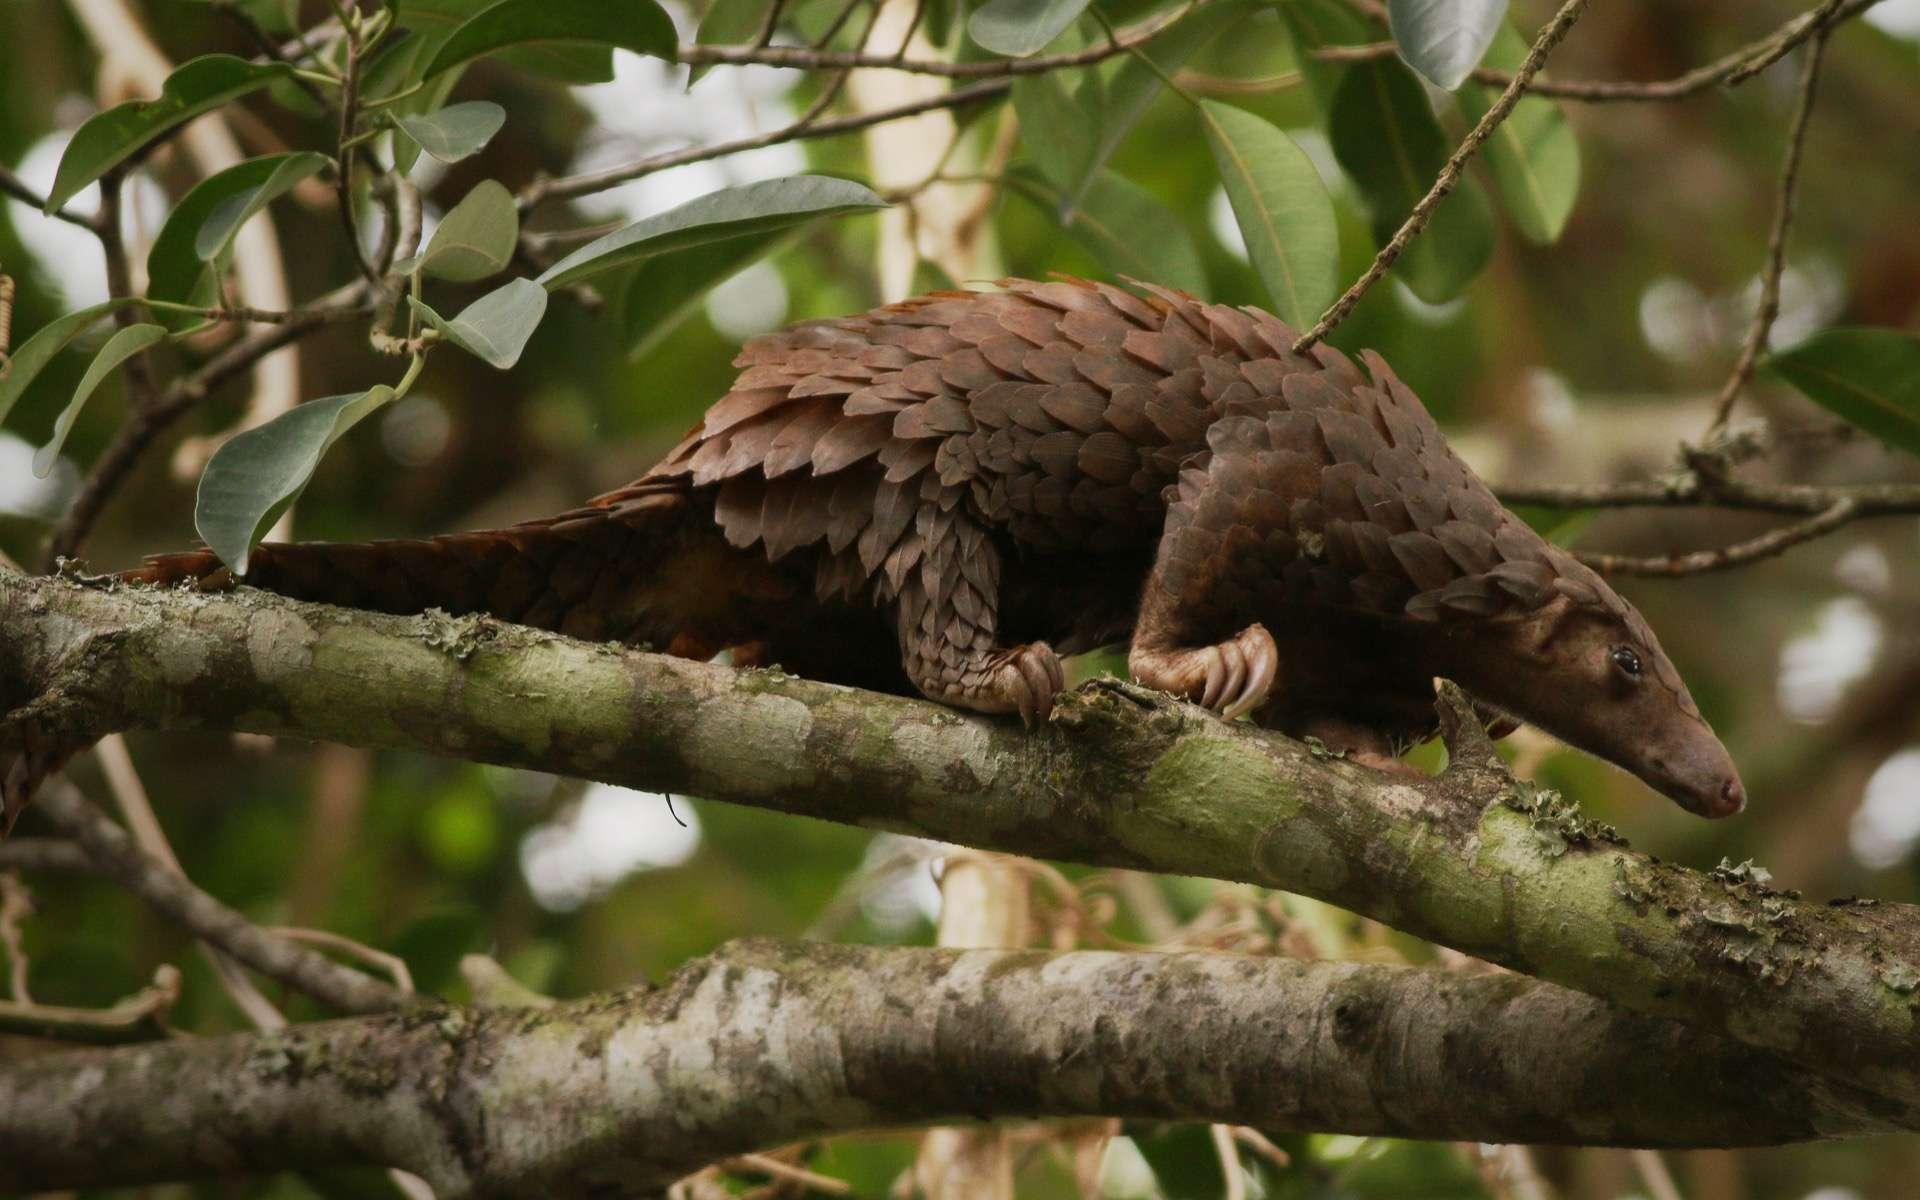 Un pangolin, l'espèce est en voie de disparition en raison du braconnage et de la perte de son habitat. © Jiri Prochazka, Adobe Stock